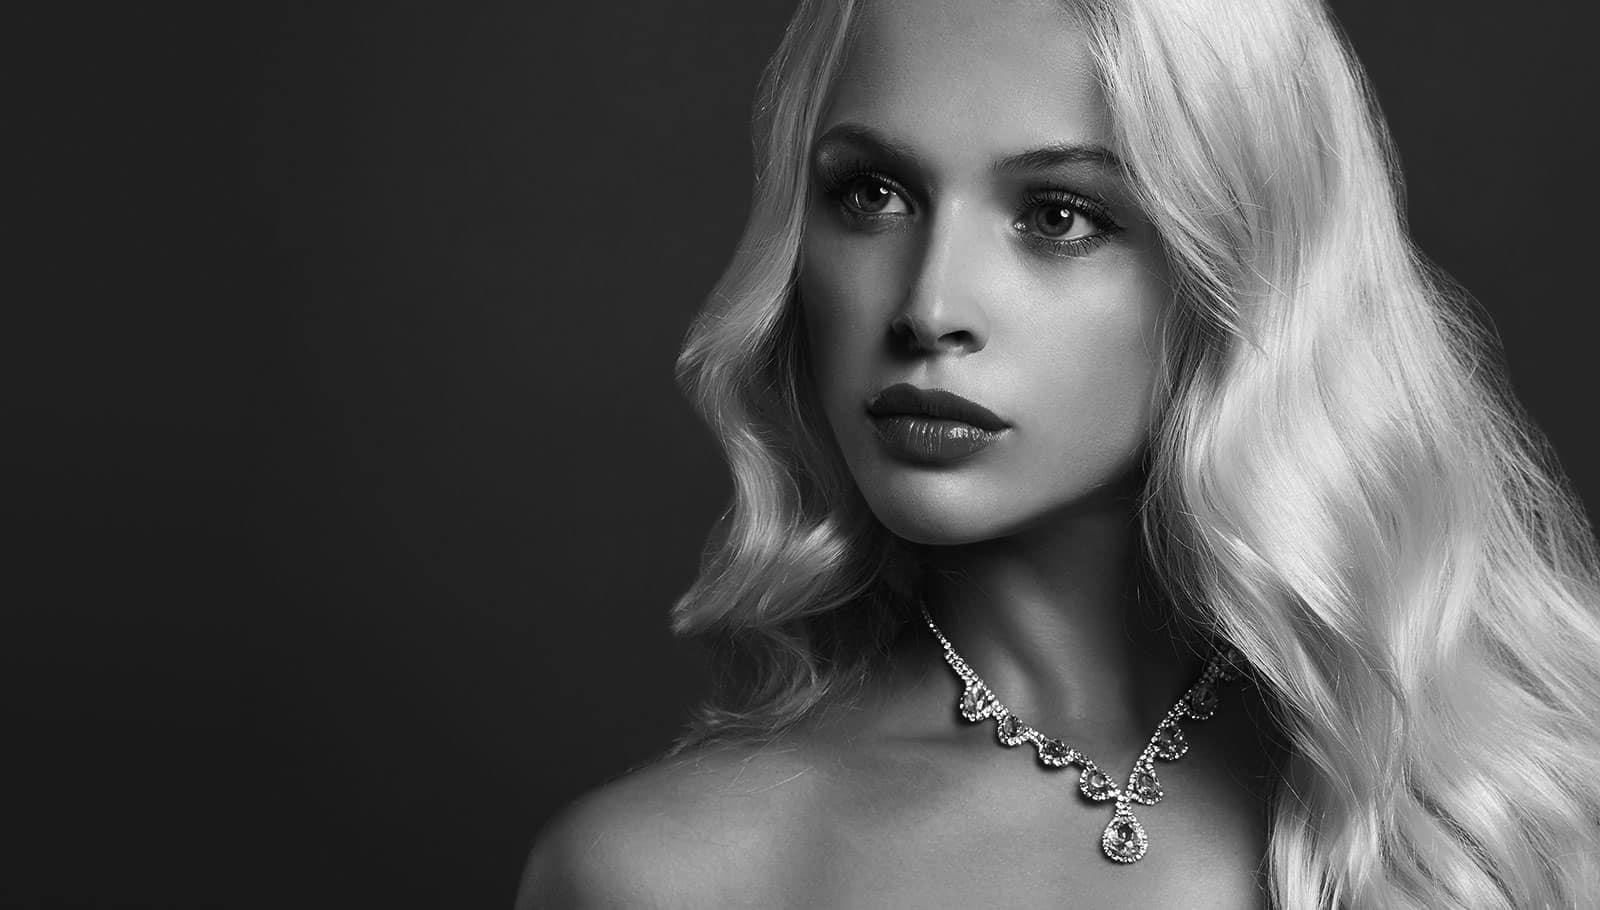 Woman with diamond jewelry